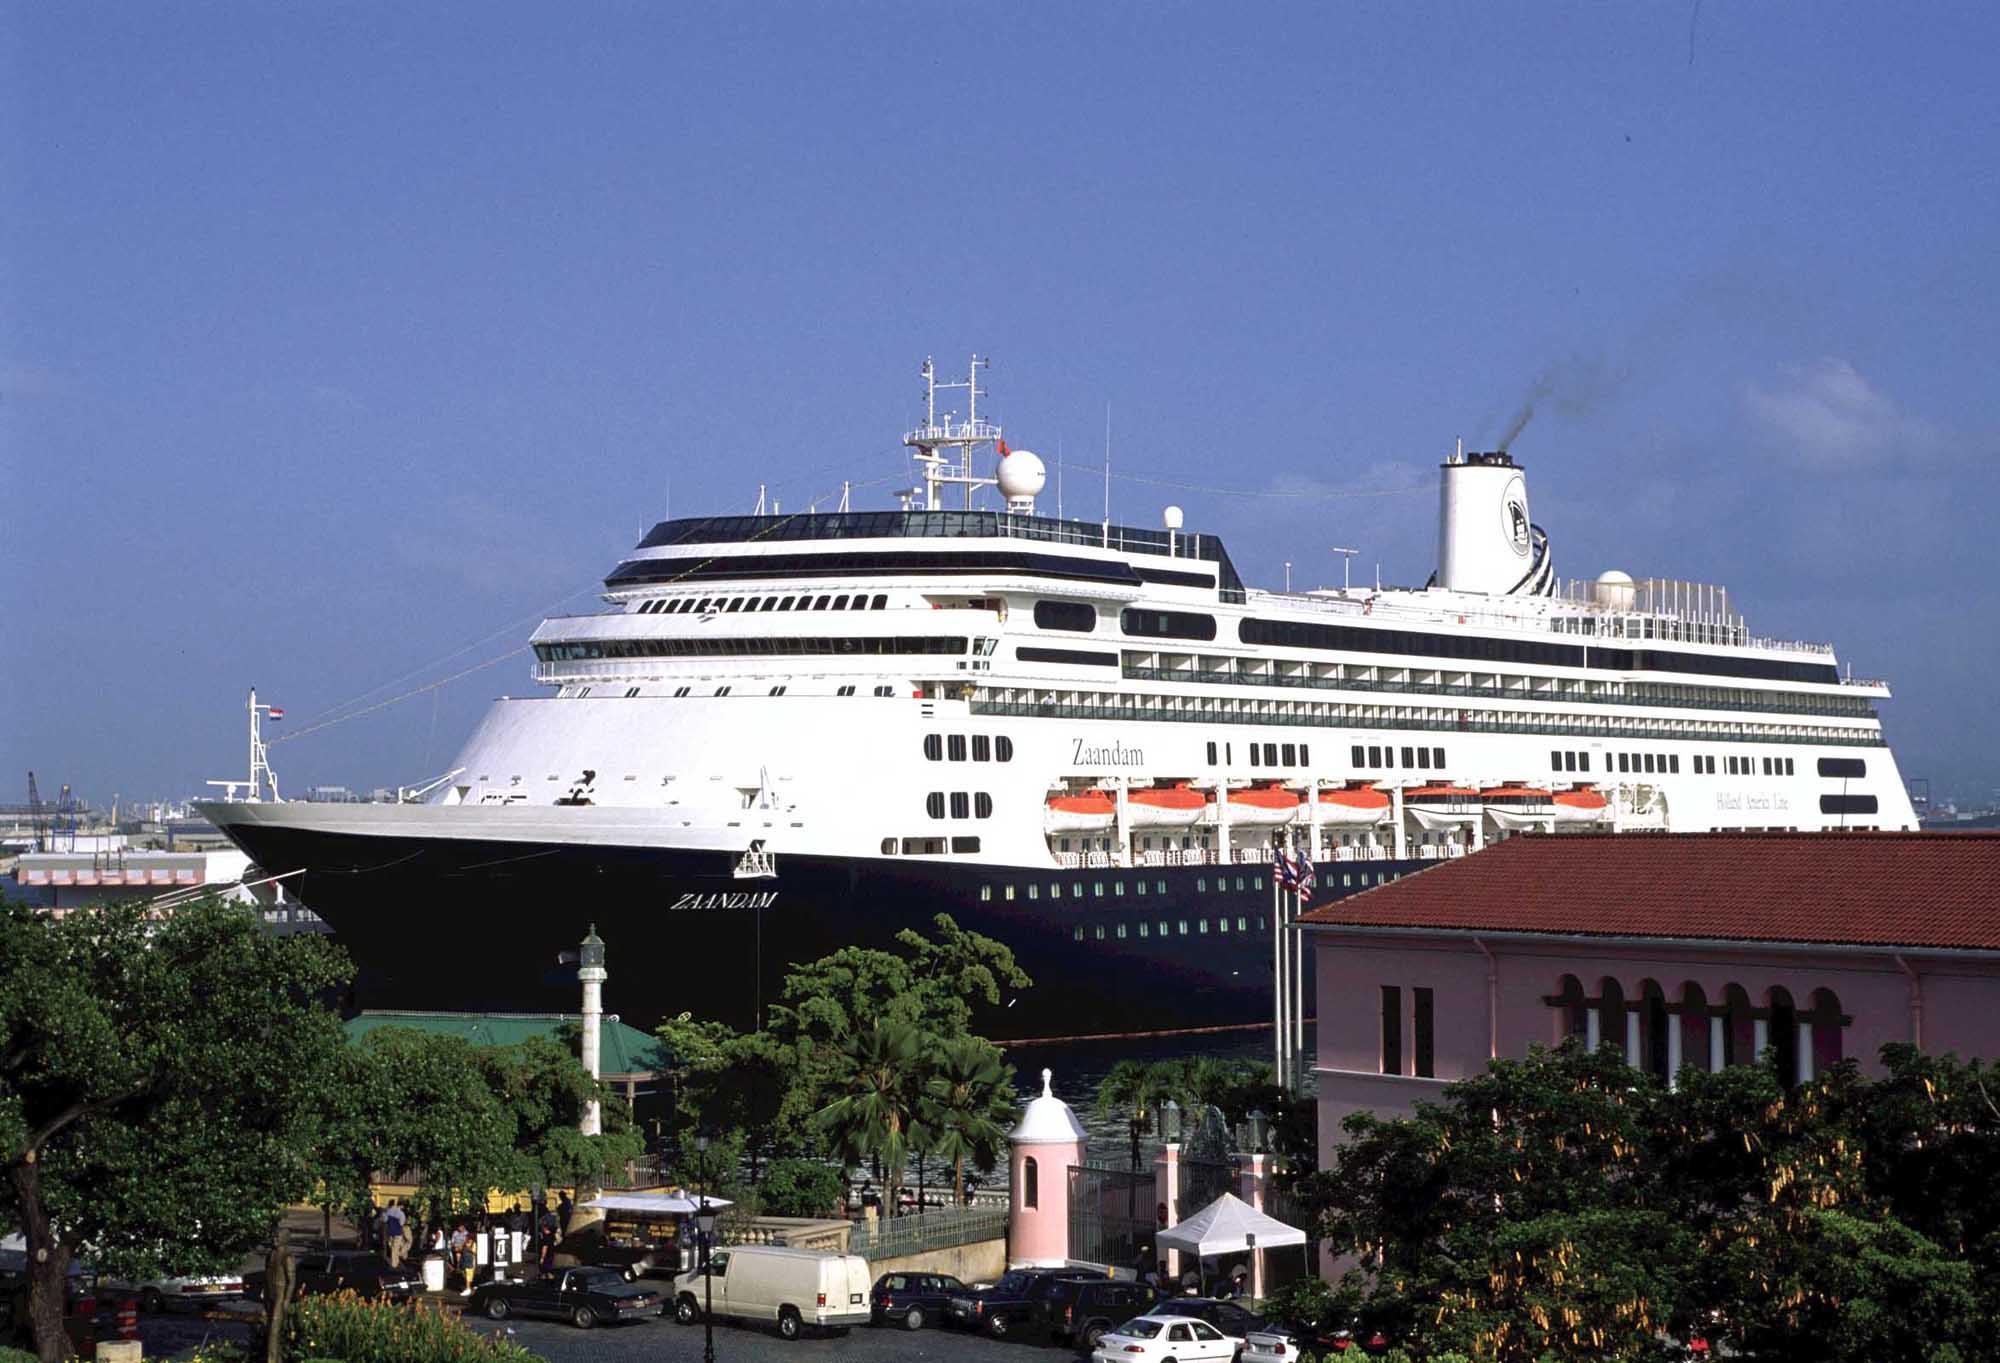 Holland America Line Zaandam Cruise Ship Cruiseable - Zaandam ship